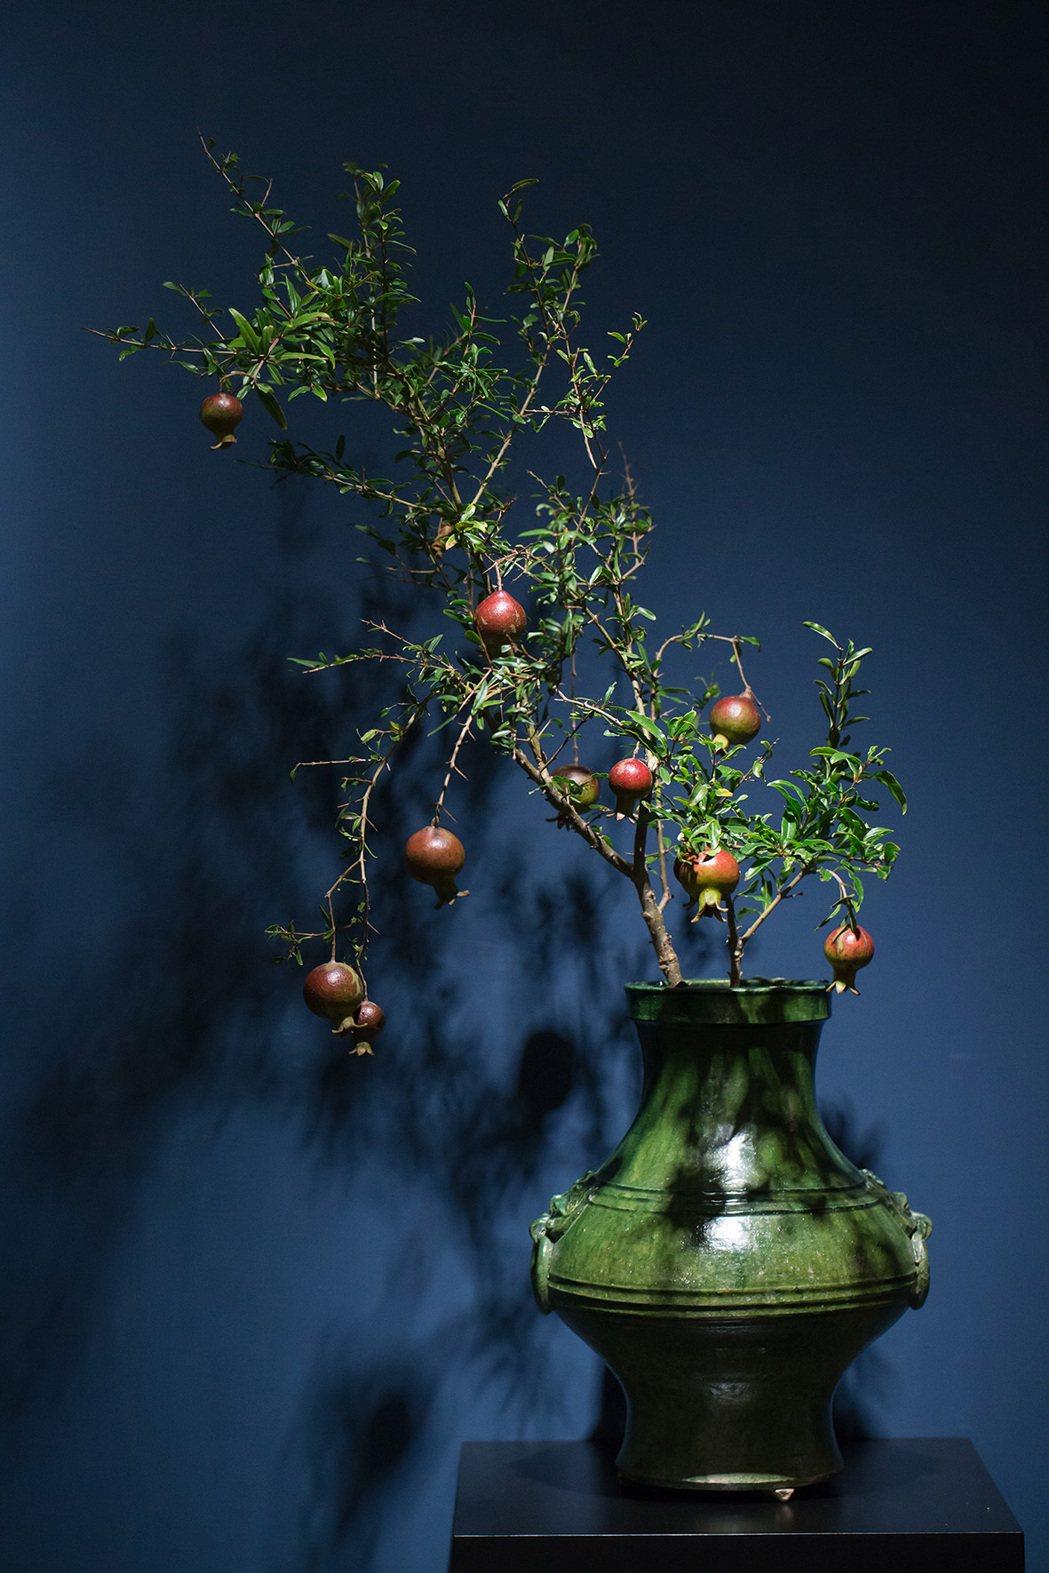 漢代綠釉尊,花材為石榴,事花為古玉貞。圖/異雲書屋提供